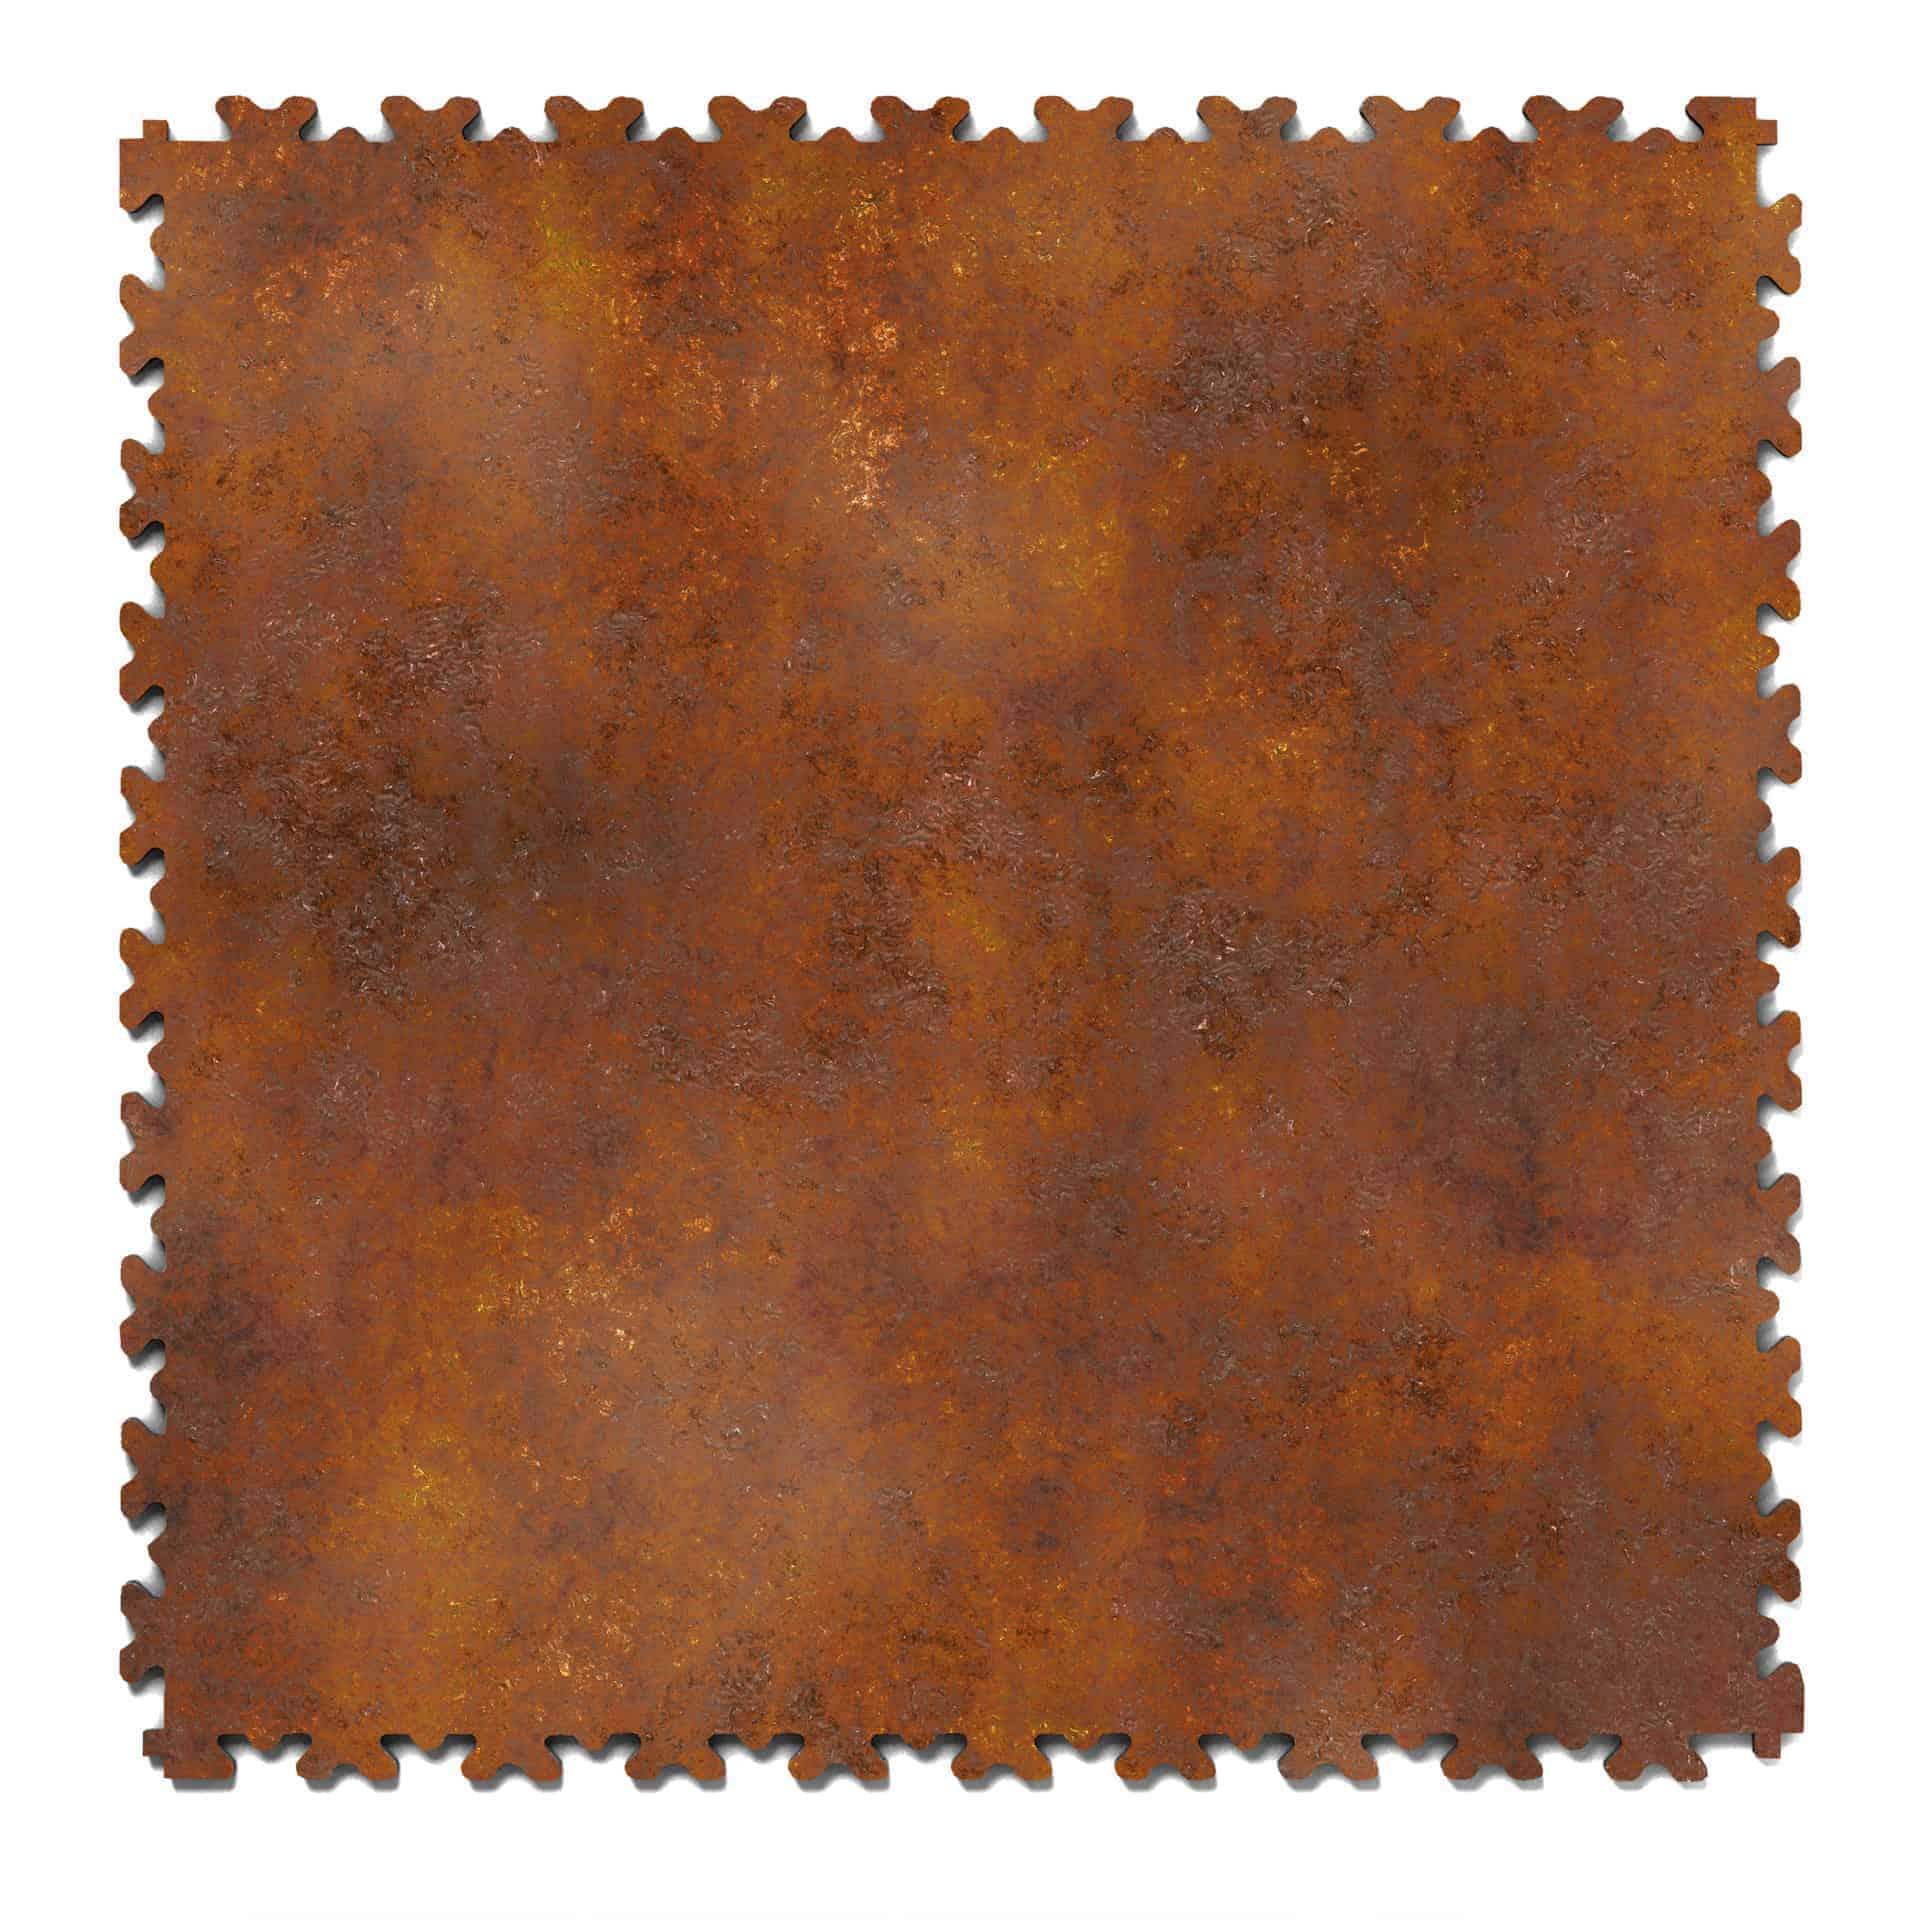 Copper prints